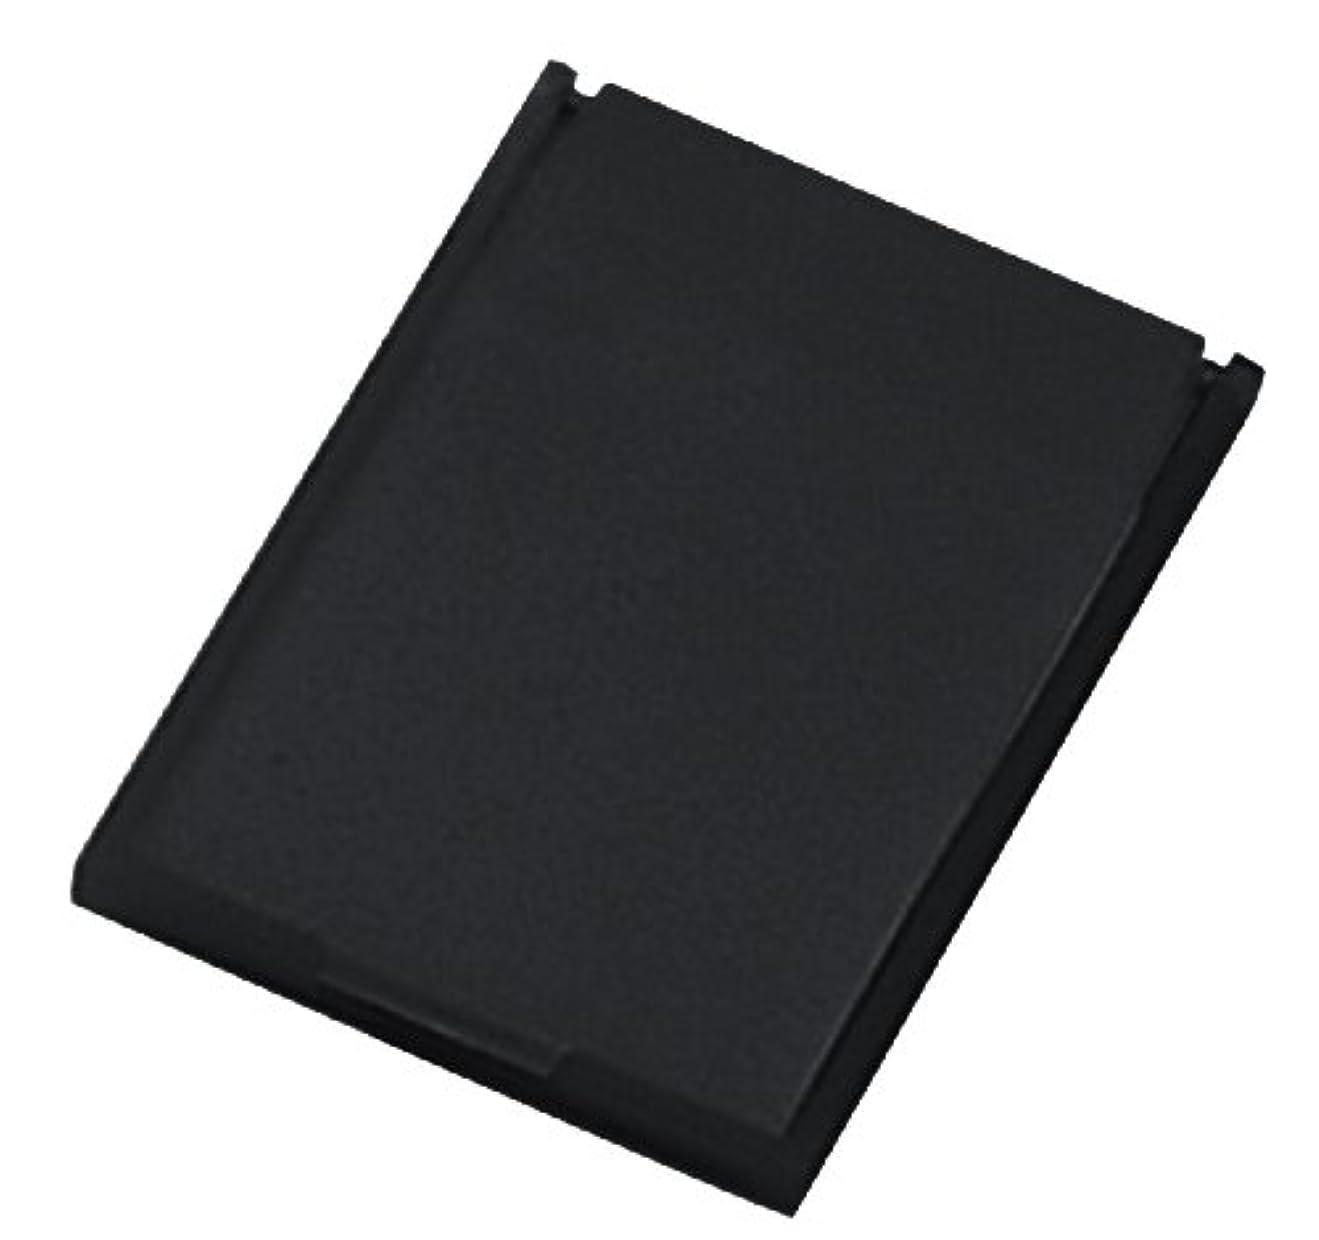 クレデンシャル元の天窓ミニコンパクトミラー 39×49㎜ ブラック YK-150